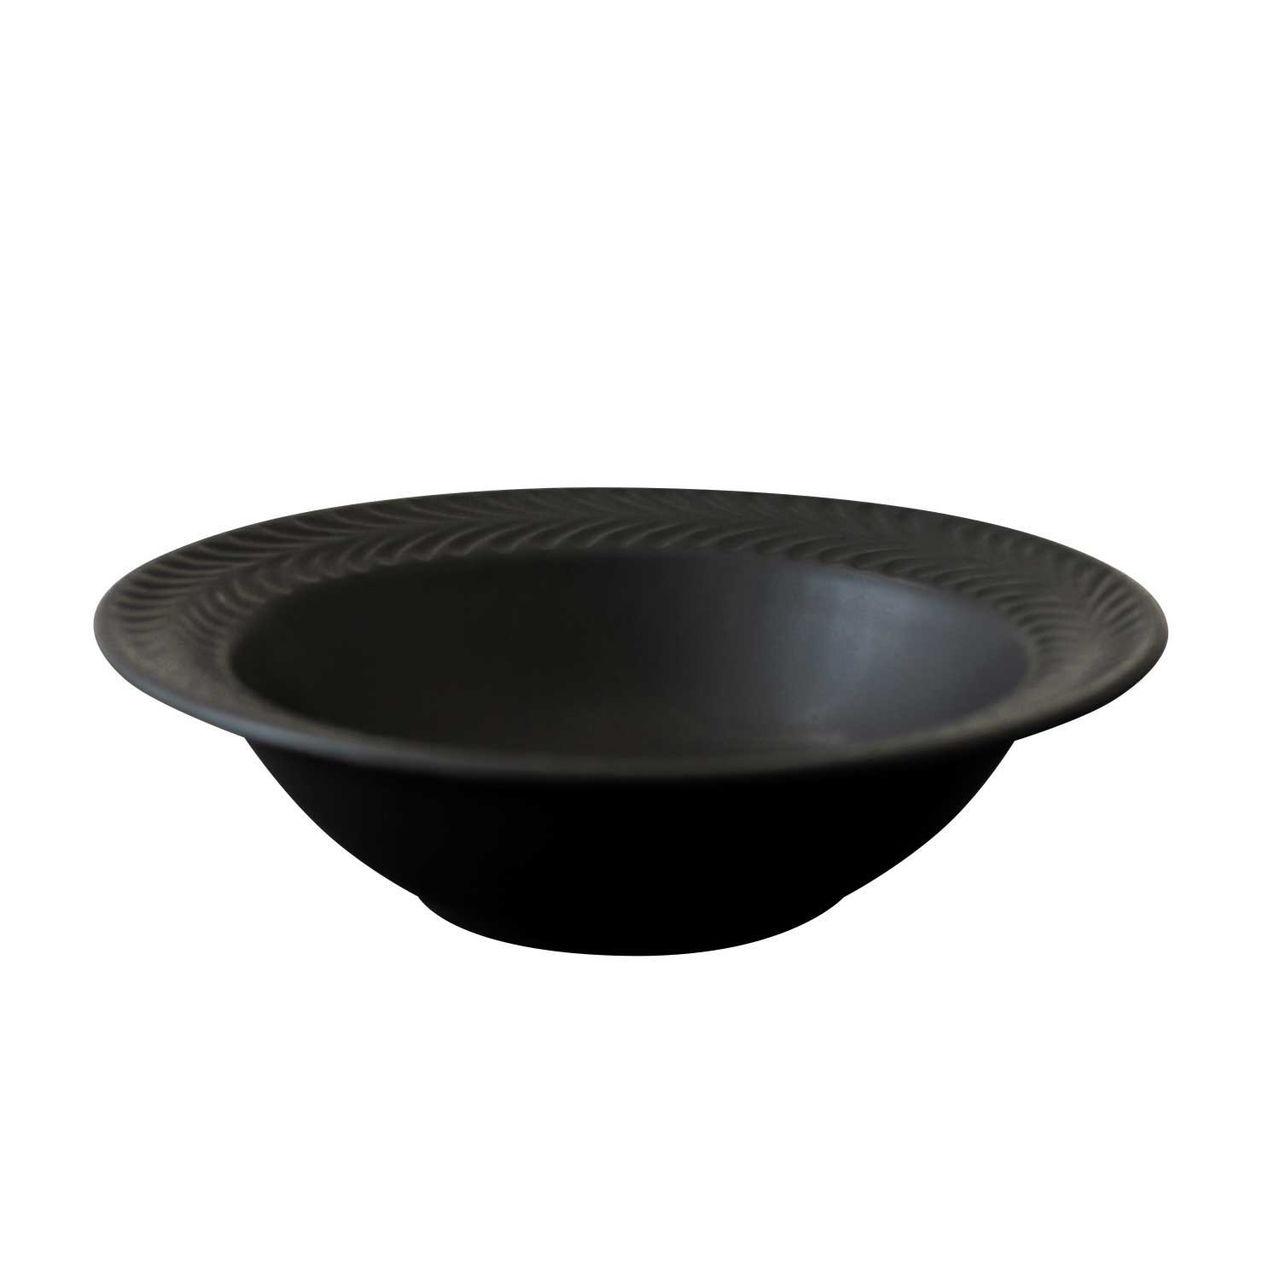 波佐見焼 翔芳窯 ローズマリー リムボウル 皿 17.5cm マットブラック